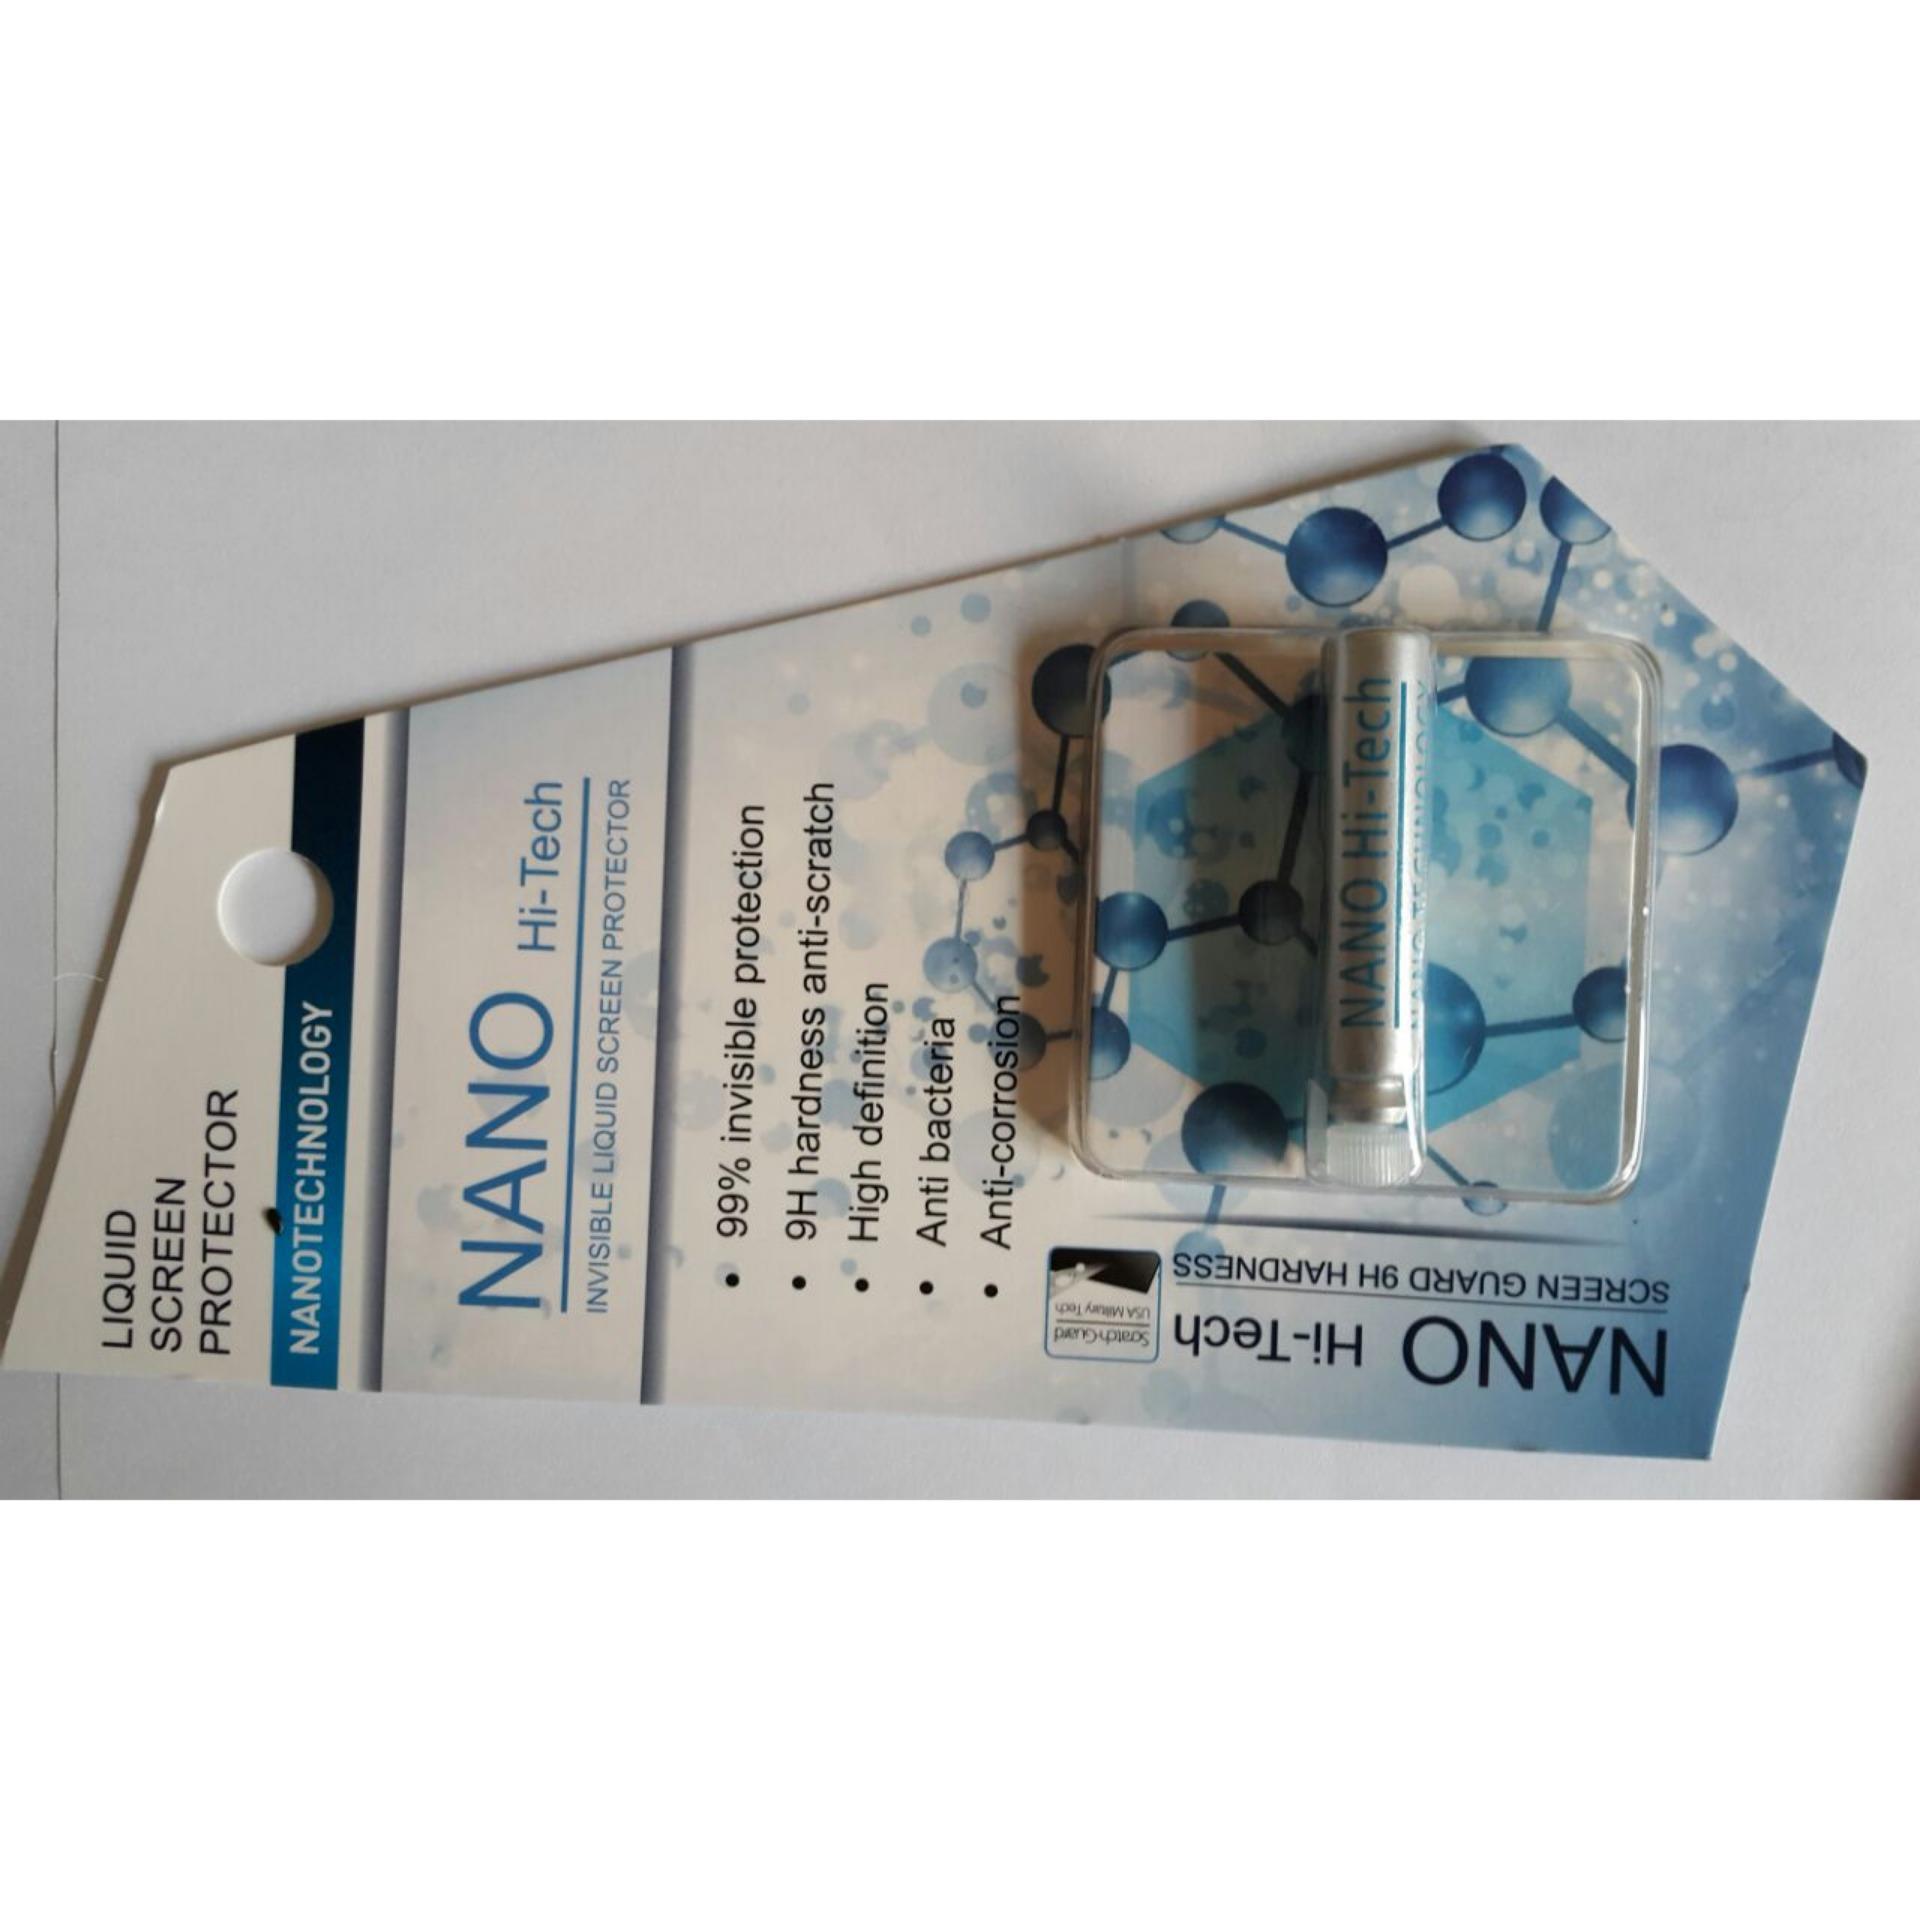 Cairan teknologi nano pelindung layar untuk  Alcatel Idol 5